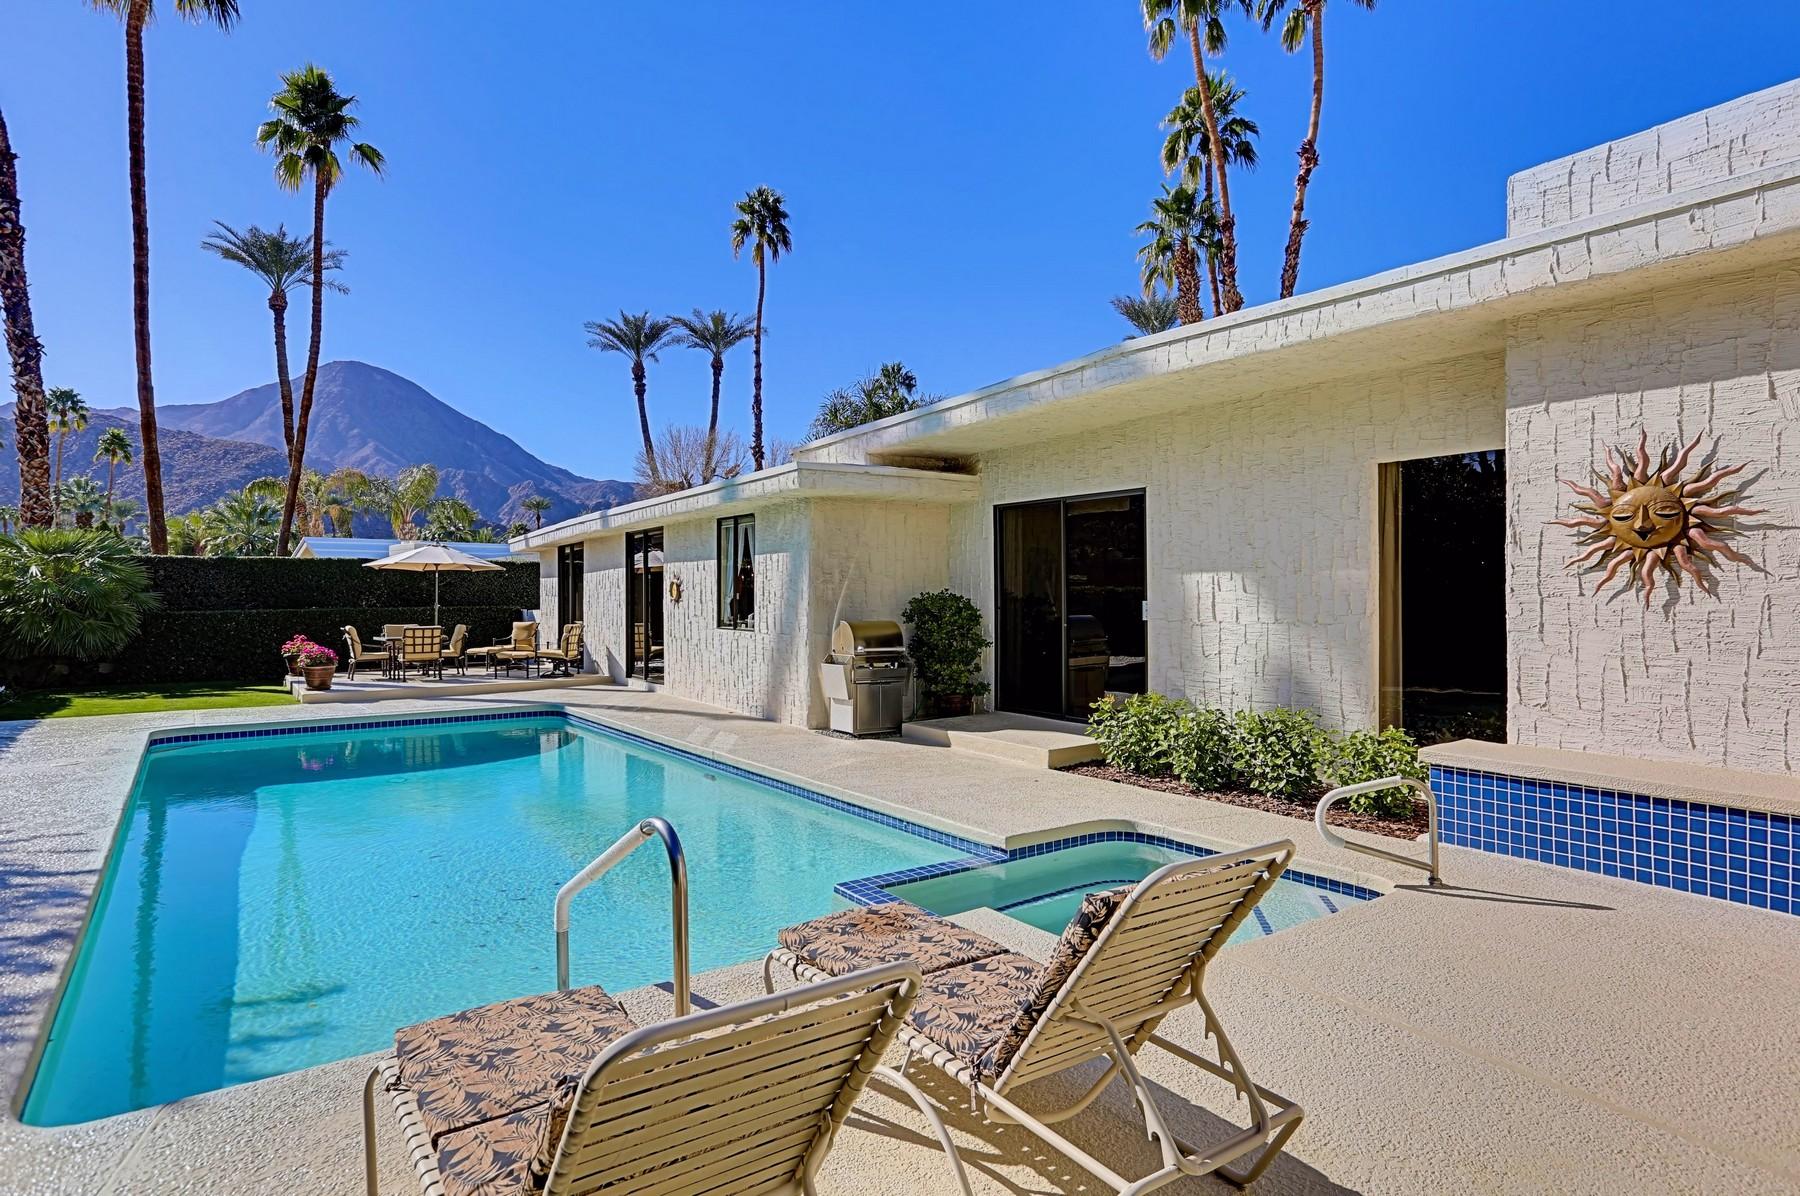 一戸建て のために 売買 アット 45850 Apache Road Indian Wells, カリフォルニア 92210 アメリカ合衆国